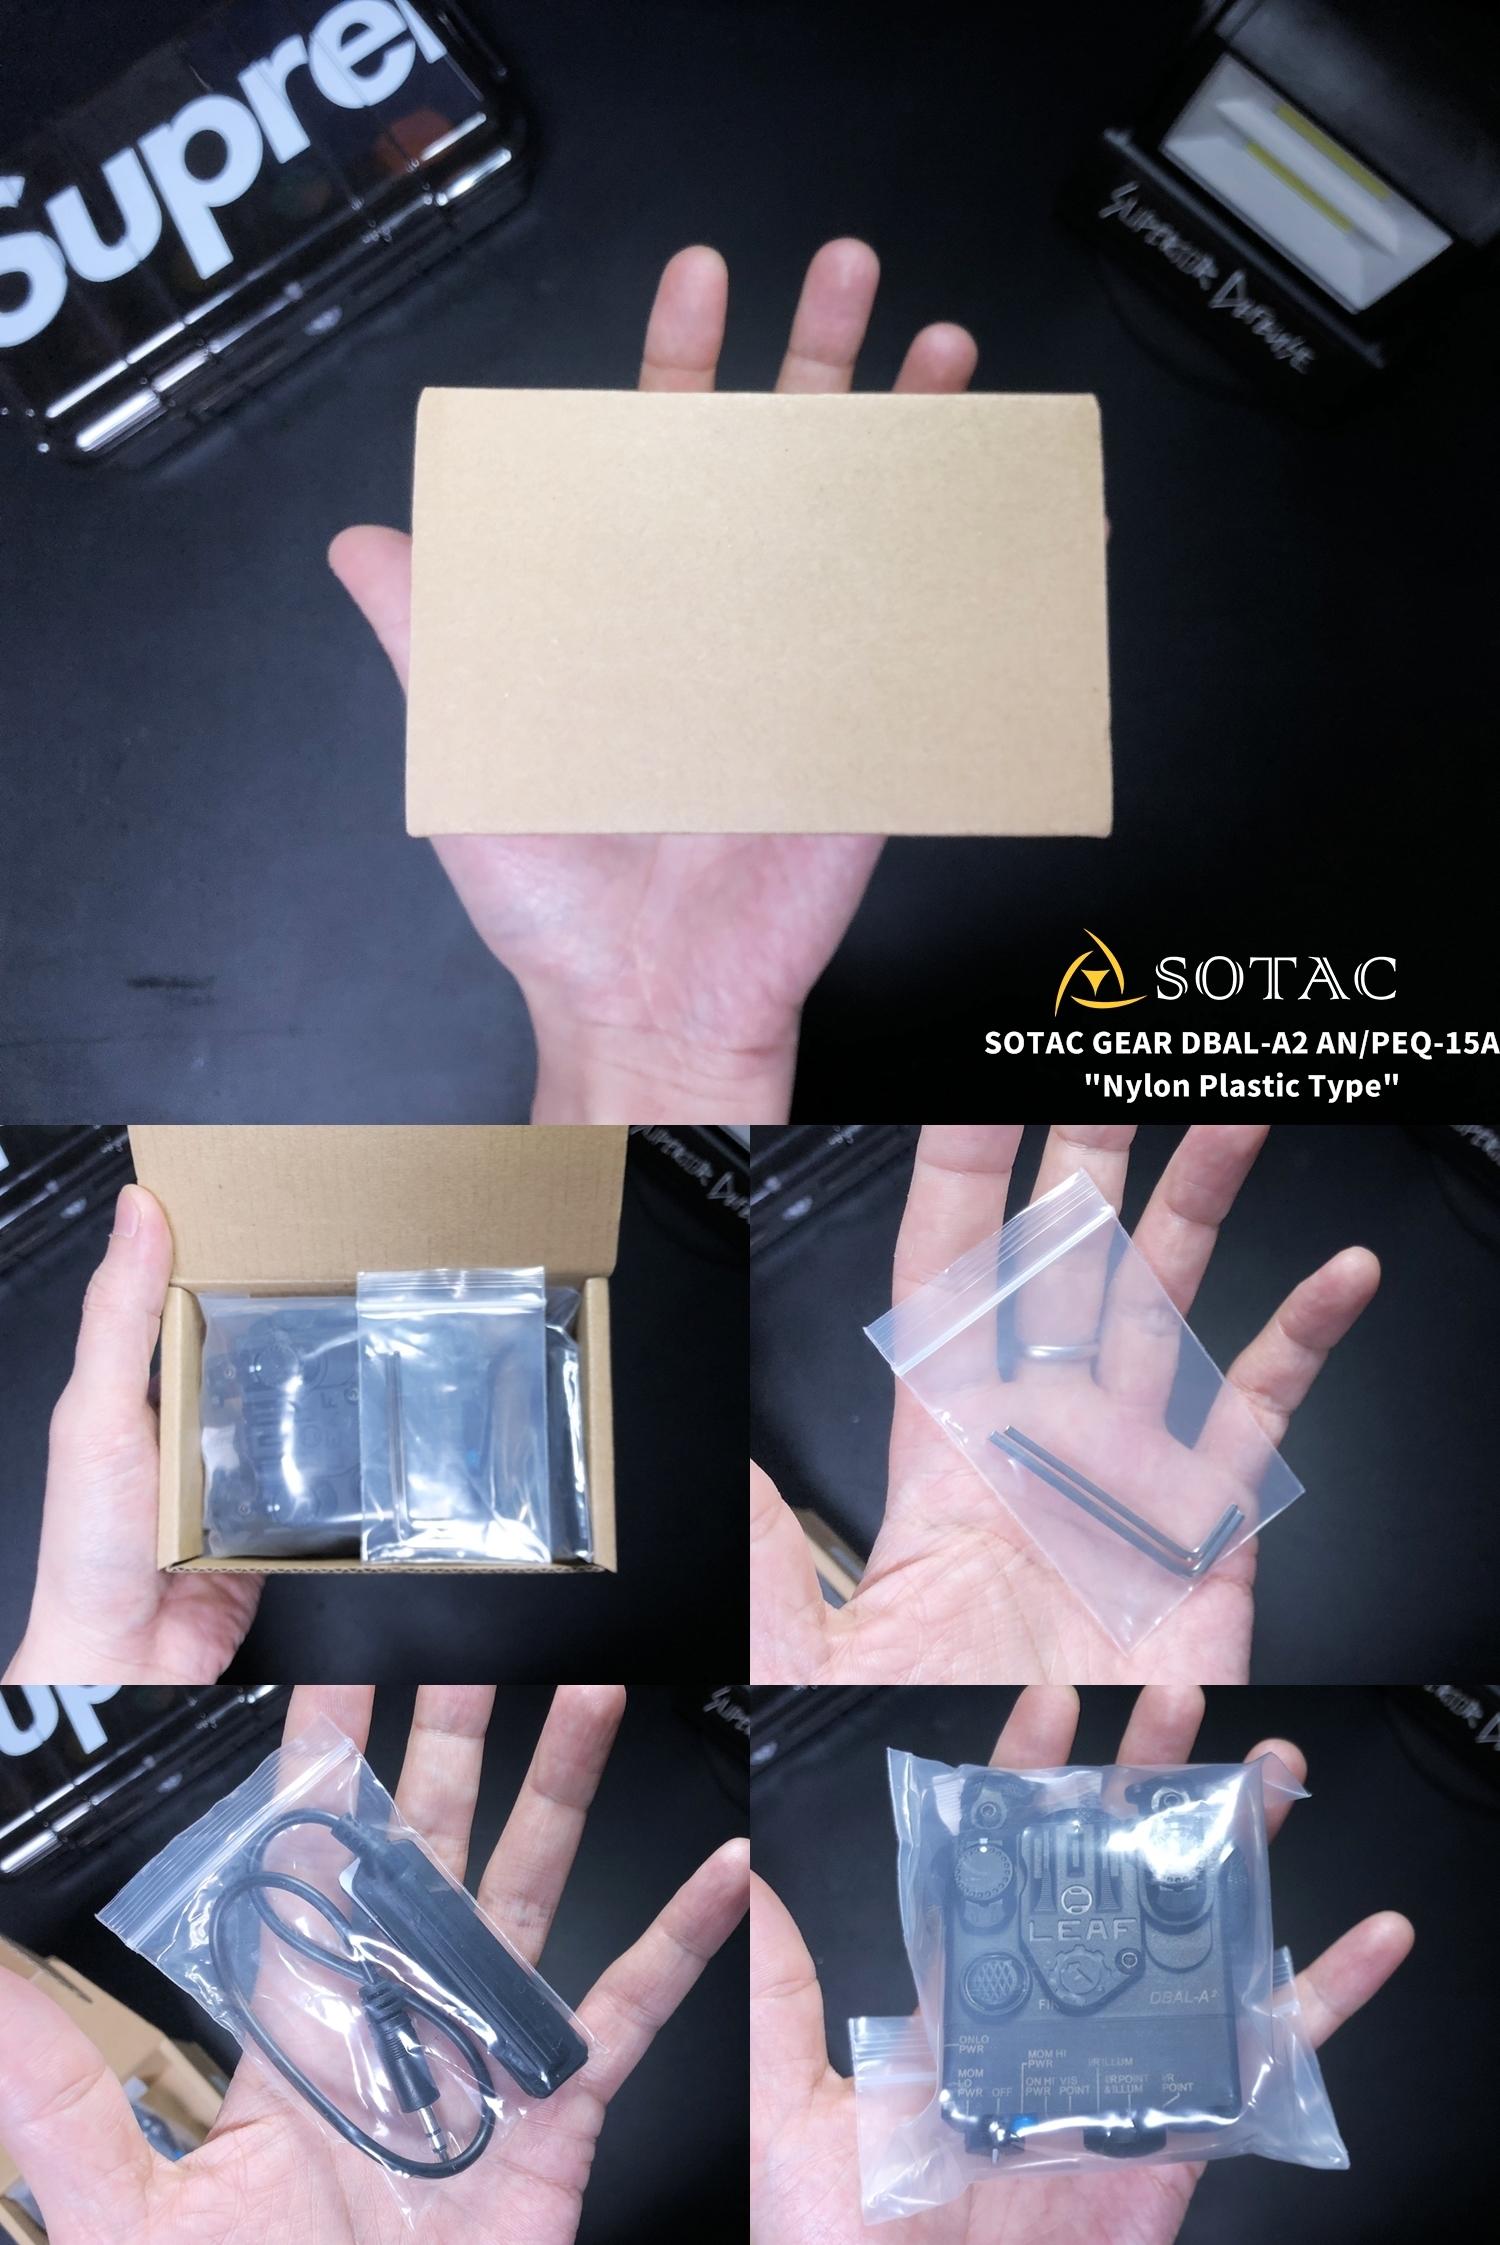 1 SOTAC GEAR DBAL-A2 ANPEQ-15A!! 巷で噂の新製品!!軽量ナイロン製だ!!果たしてLEDライト機能だけなのか! レーザーオミット解除方法!! 購入 検証 比較 解除 取付 レビュー!!